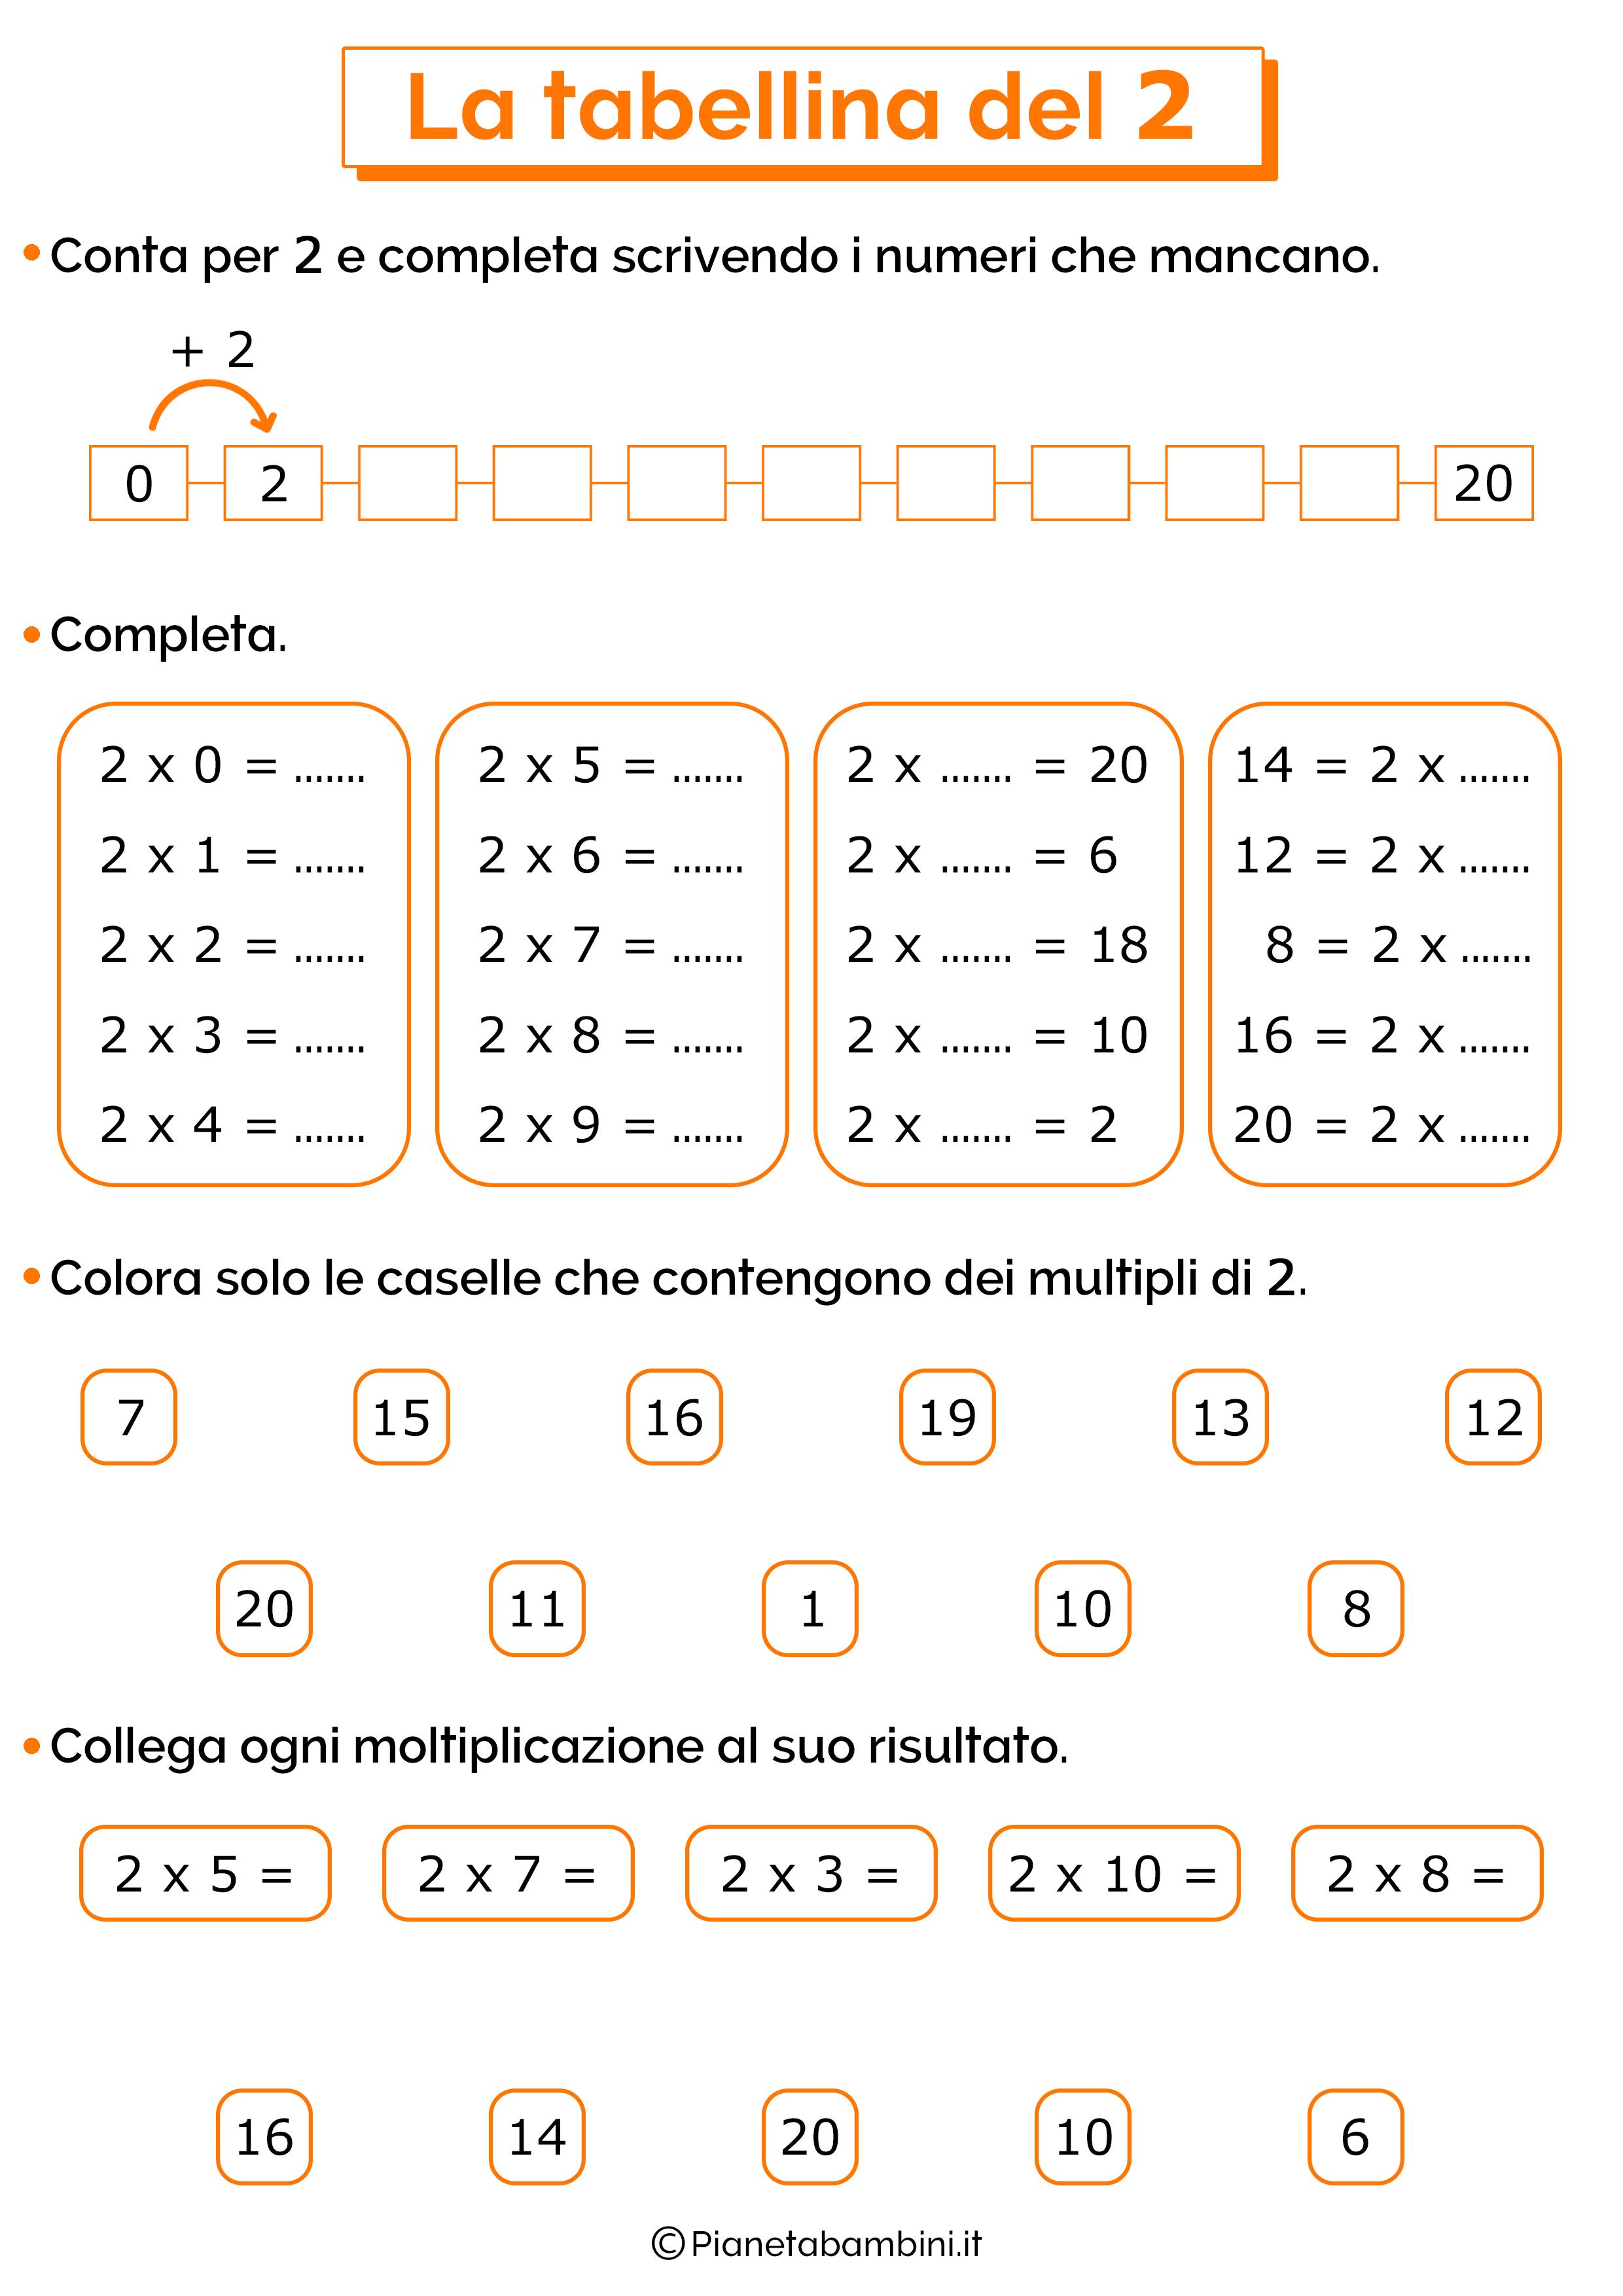 Esercizi sulla tabellina del 2